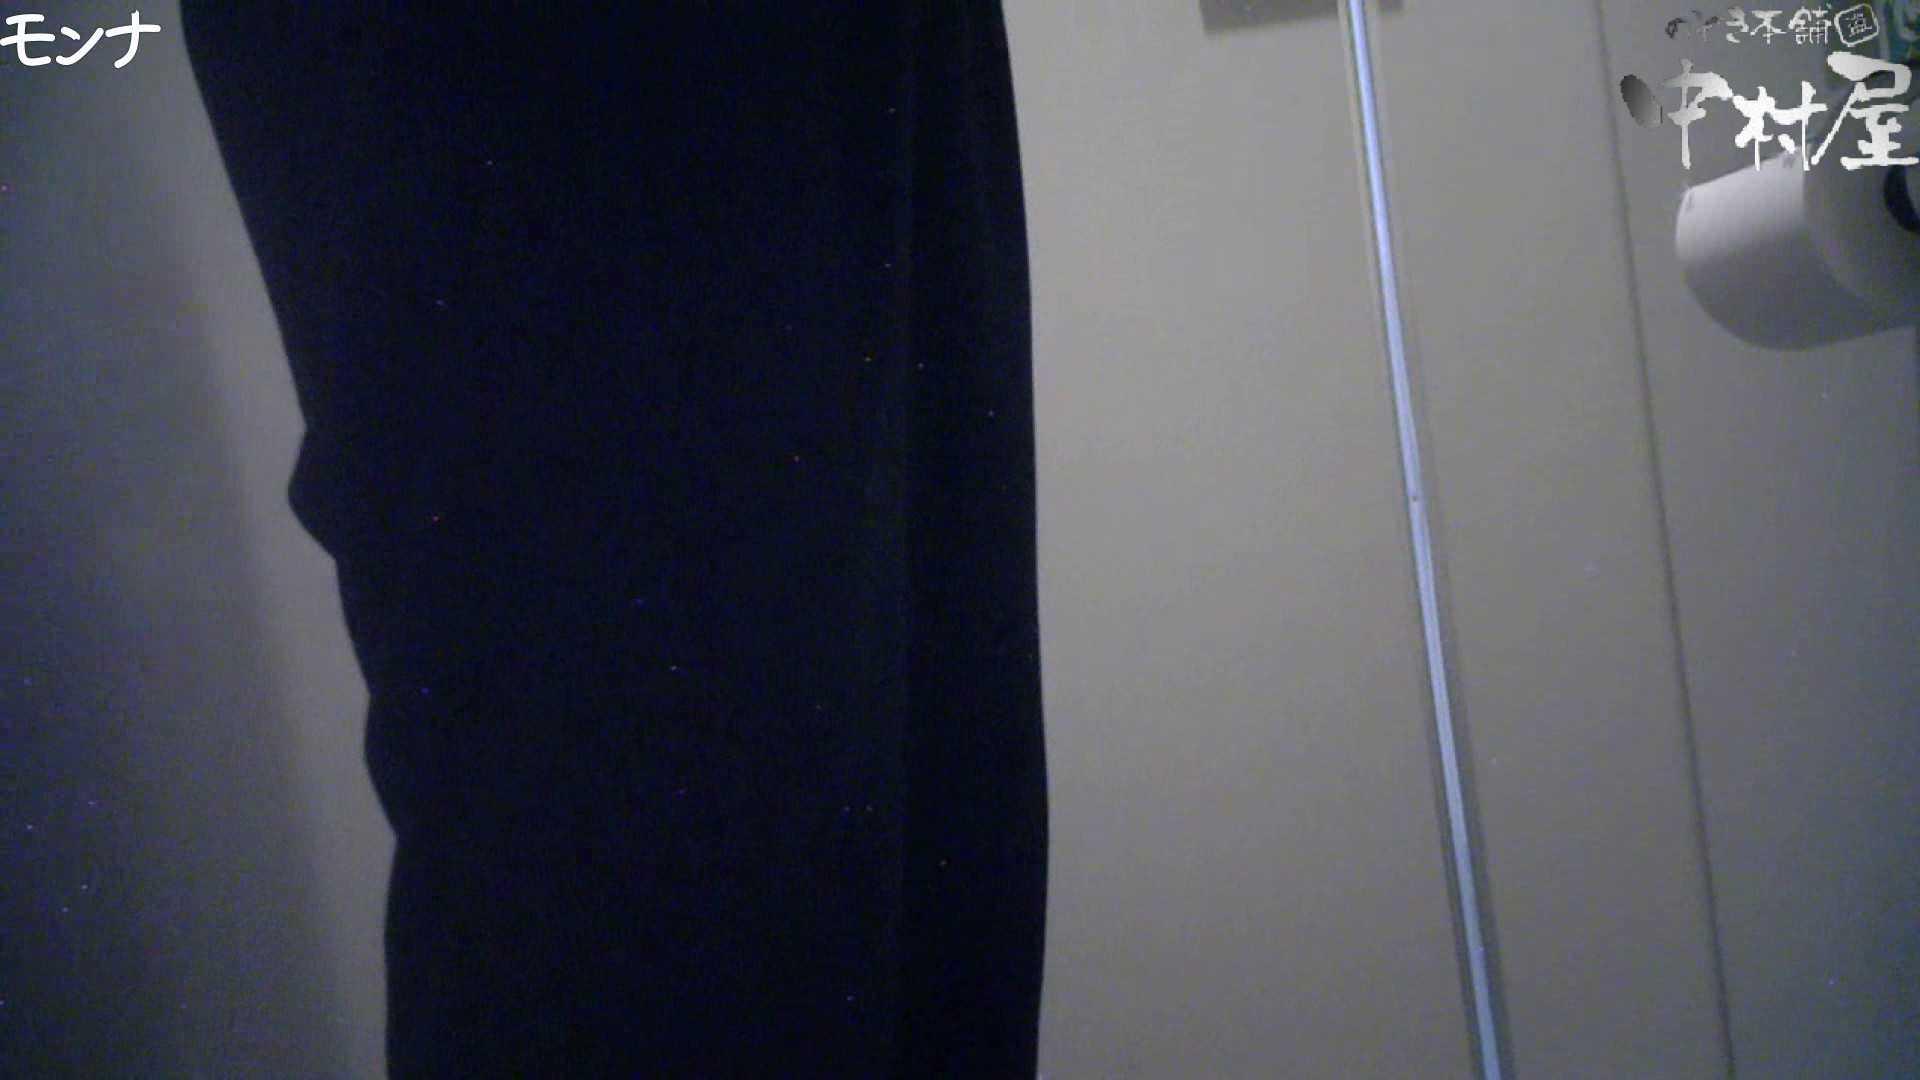 有名大学女性洗面所 vol.66 清楚系女子をがっつり!! 潜入 のぞき動画キャプチャ 81PIX 14